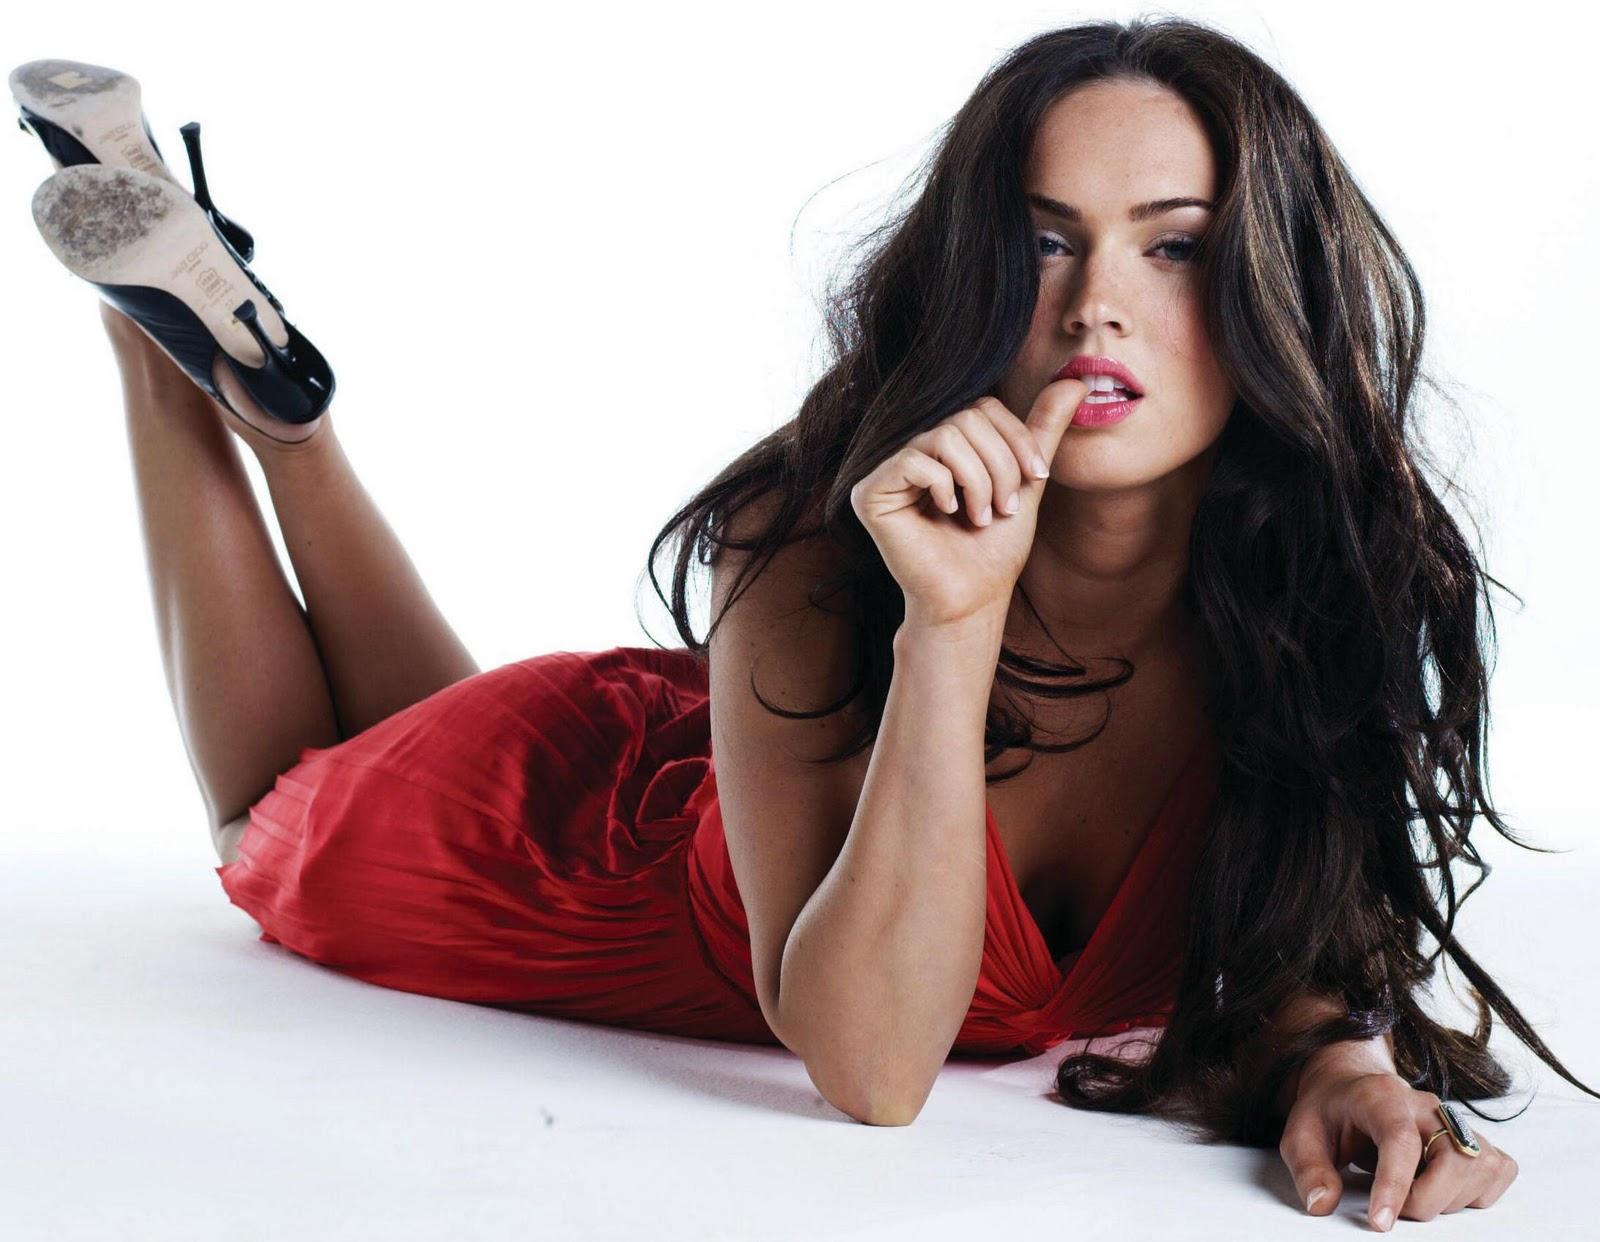 http://3.bp.blogspot.com/-_ao_uPA_uHA/UNtnuINOcBI/AAAAAAAABbY/LItjQ5qkDjQ/s1600/Red-dress-wallpaper-Megan-Fox-hot-photos.jpg